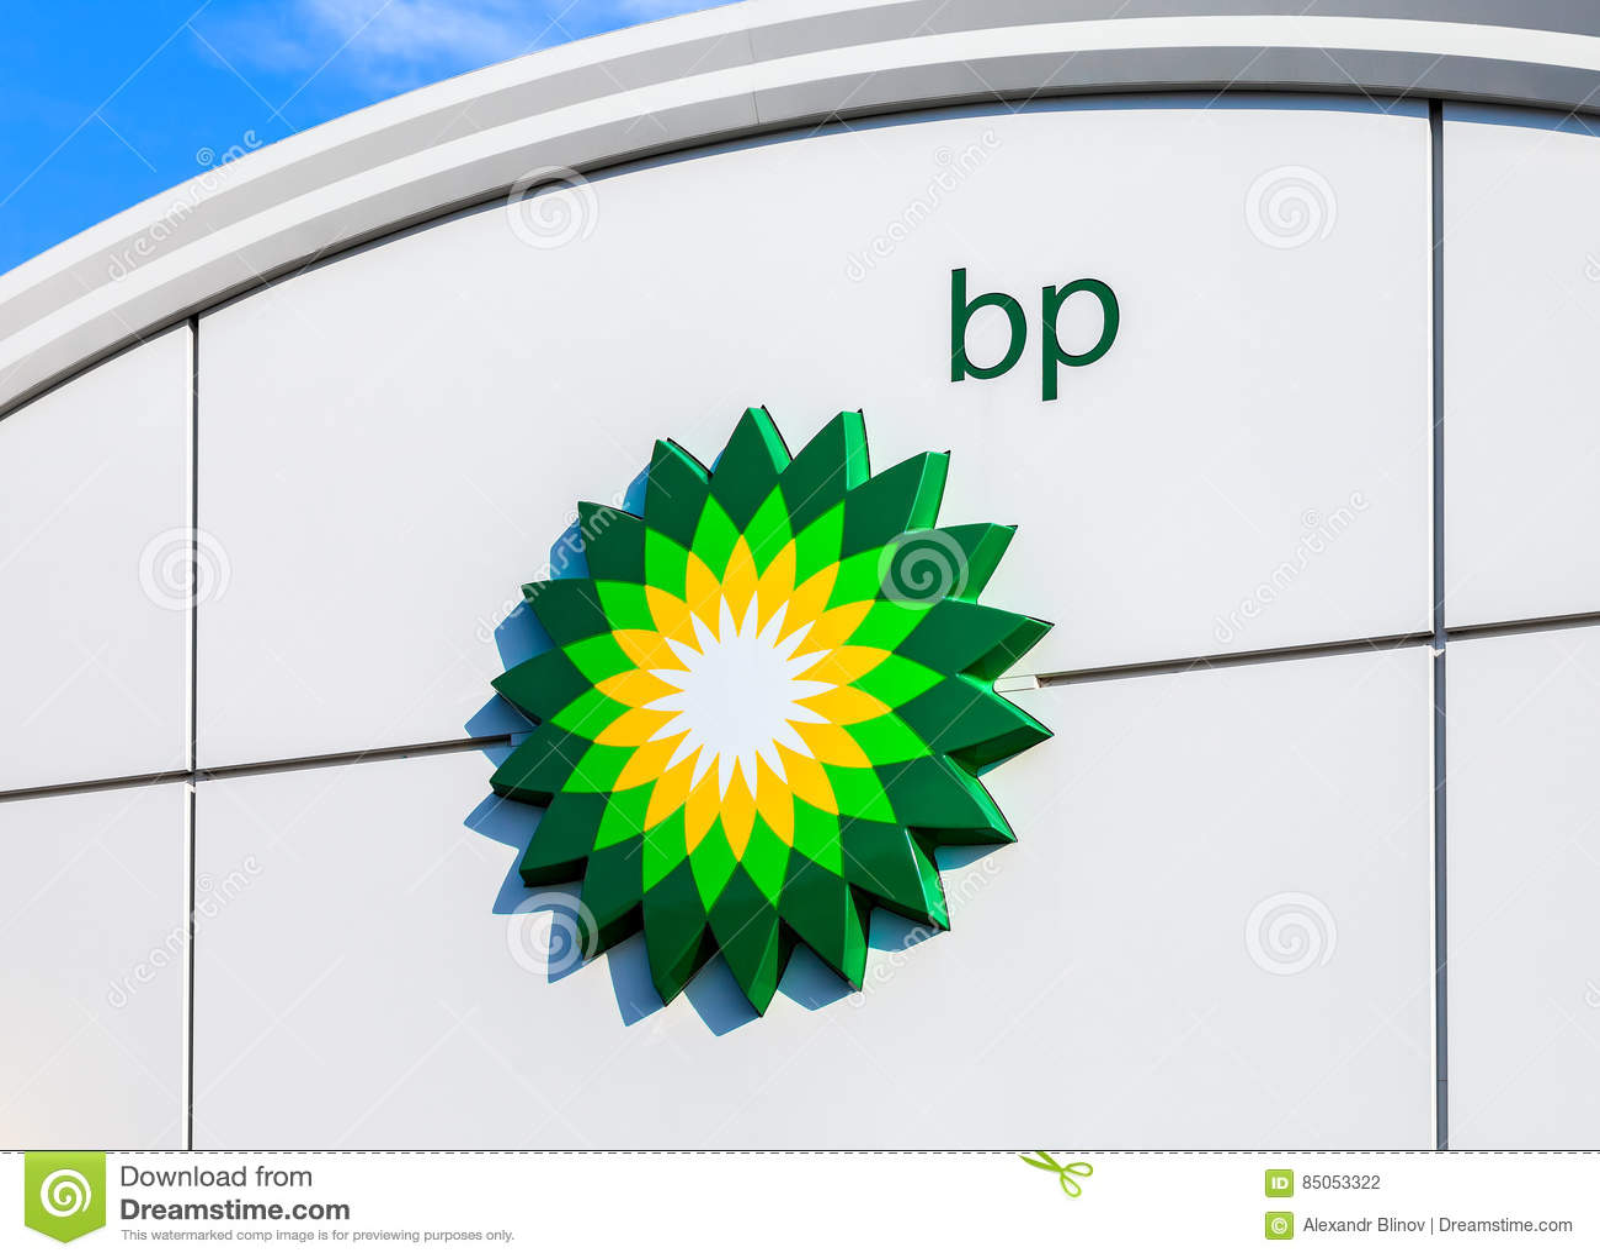 bp brytyjski ponaftowy stacja benzynowa logo nad